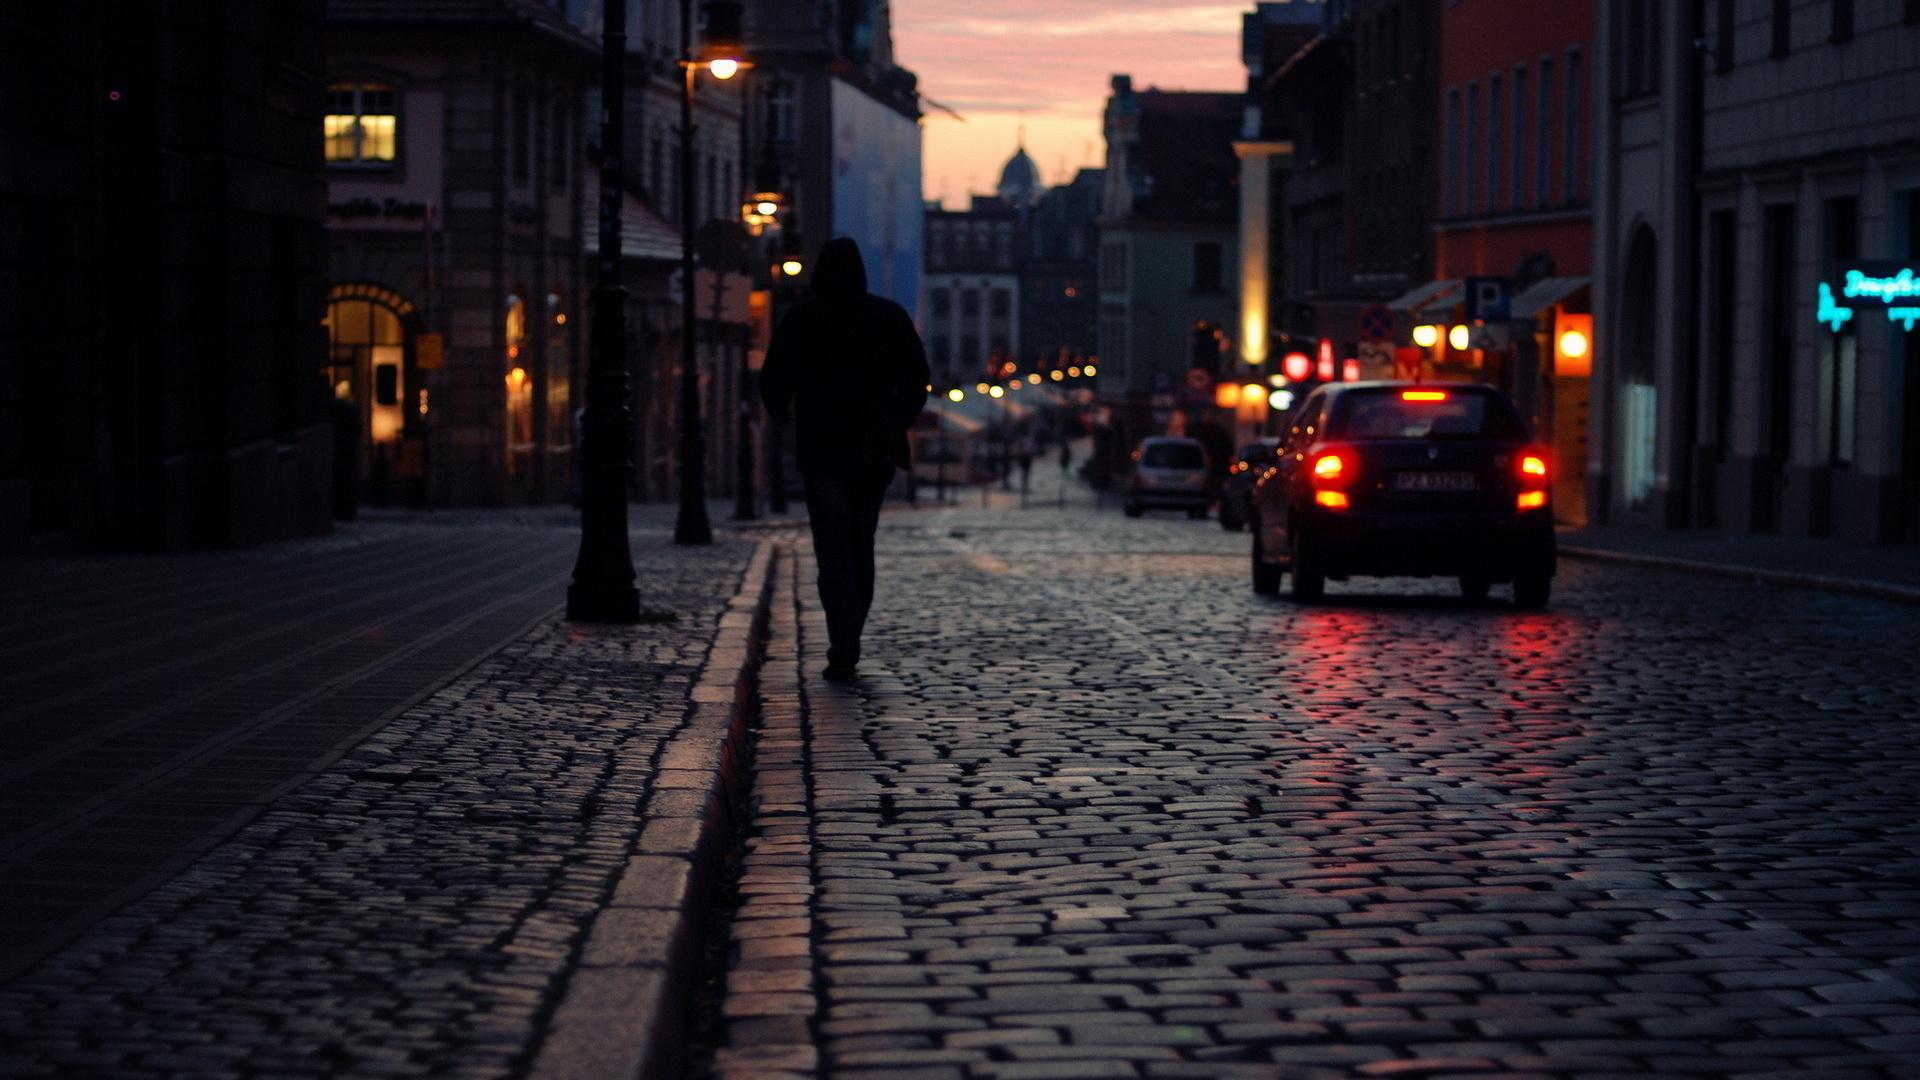 встречается картинки ночного грустного города легкости уходе